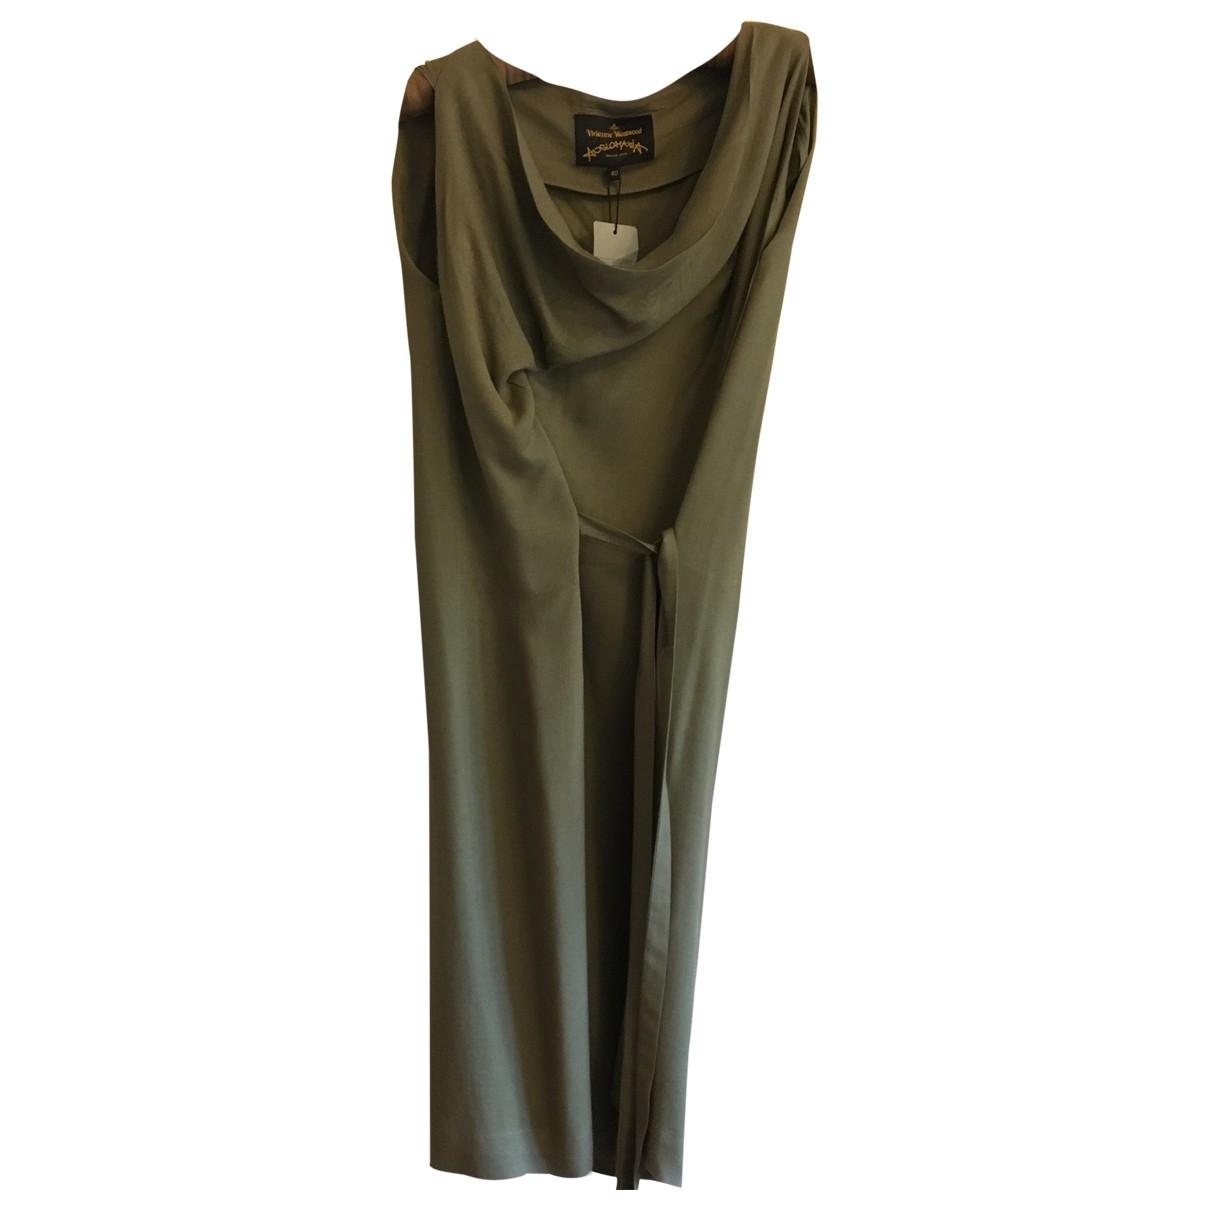 Vivienne Westwood Anglomania \N Kleid in  Khaki Wolle